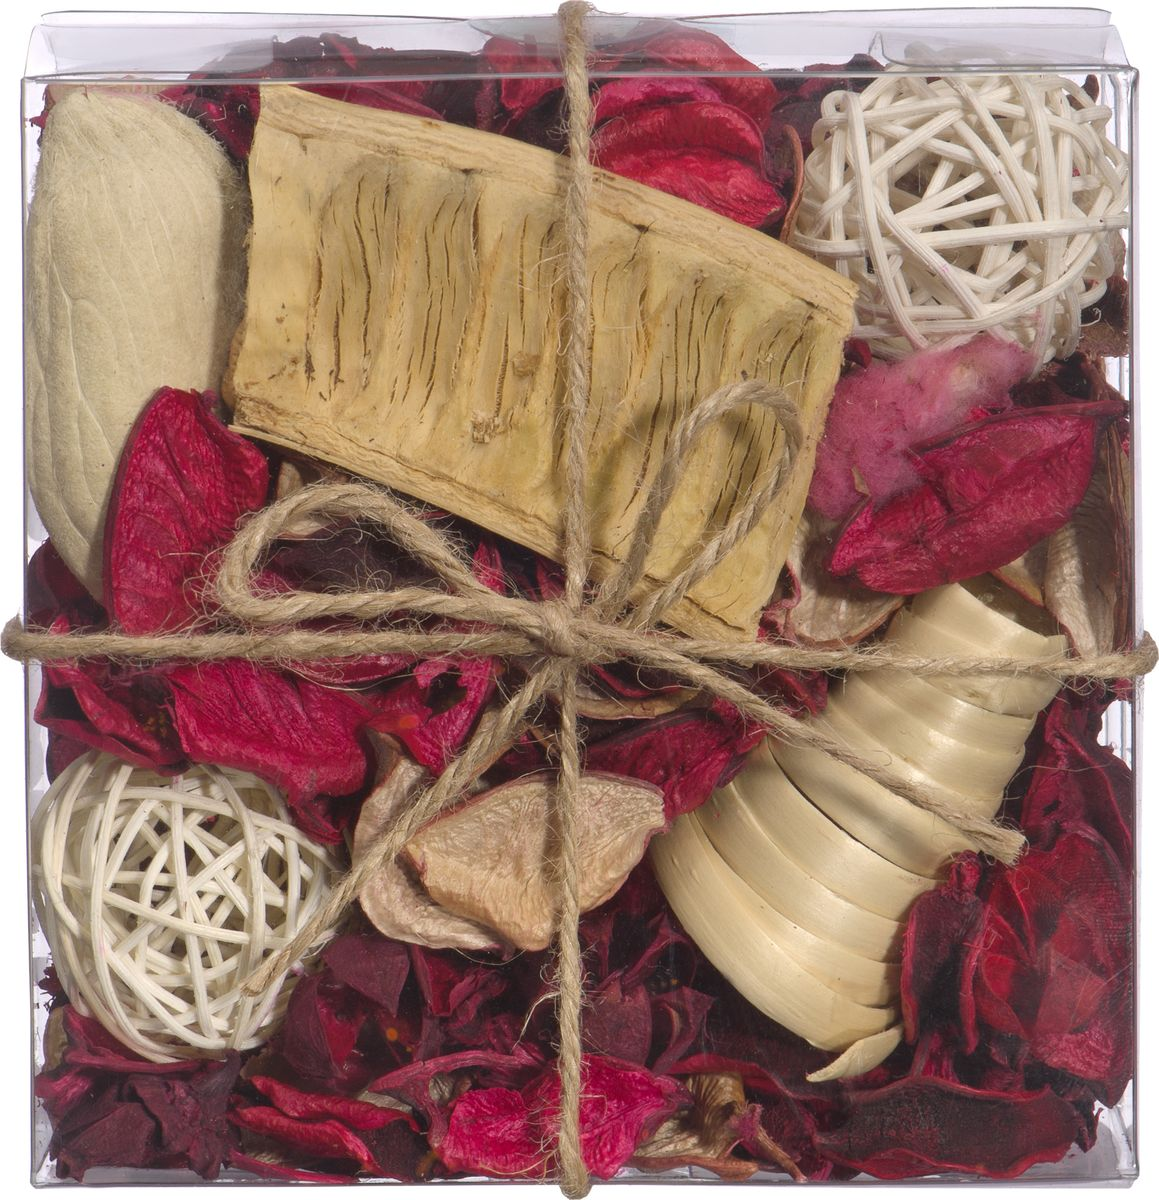 Набор сухоцветов ВеЩицы Клубника, 13 х 13 смYW-SUH18Набор сухоцветов из натуральных материалов с ароматом Клубника. Сухоцветы - это оригинальное дополнение в декоре интерьера. Яркие цвета, интересные формы, обилие расцветок делают этот вариант незаменимым при оформлении пространств.